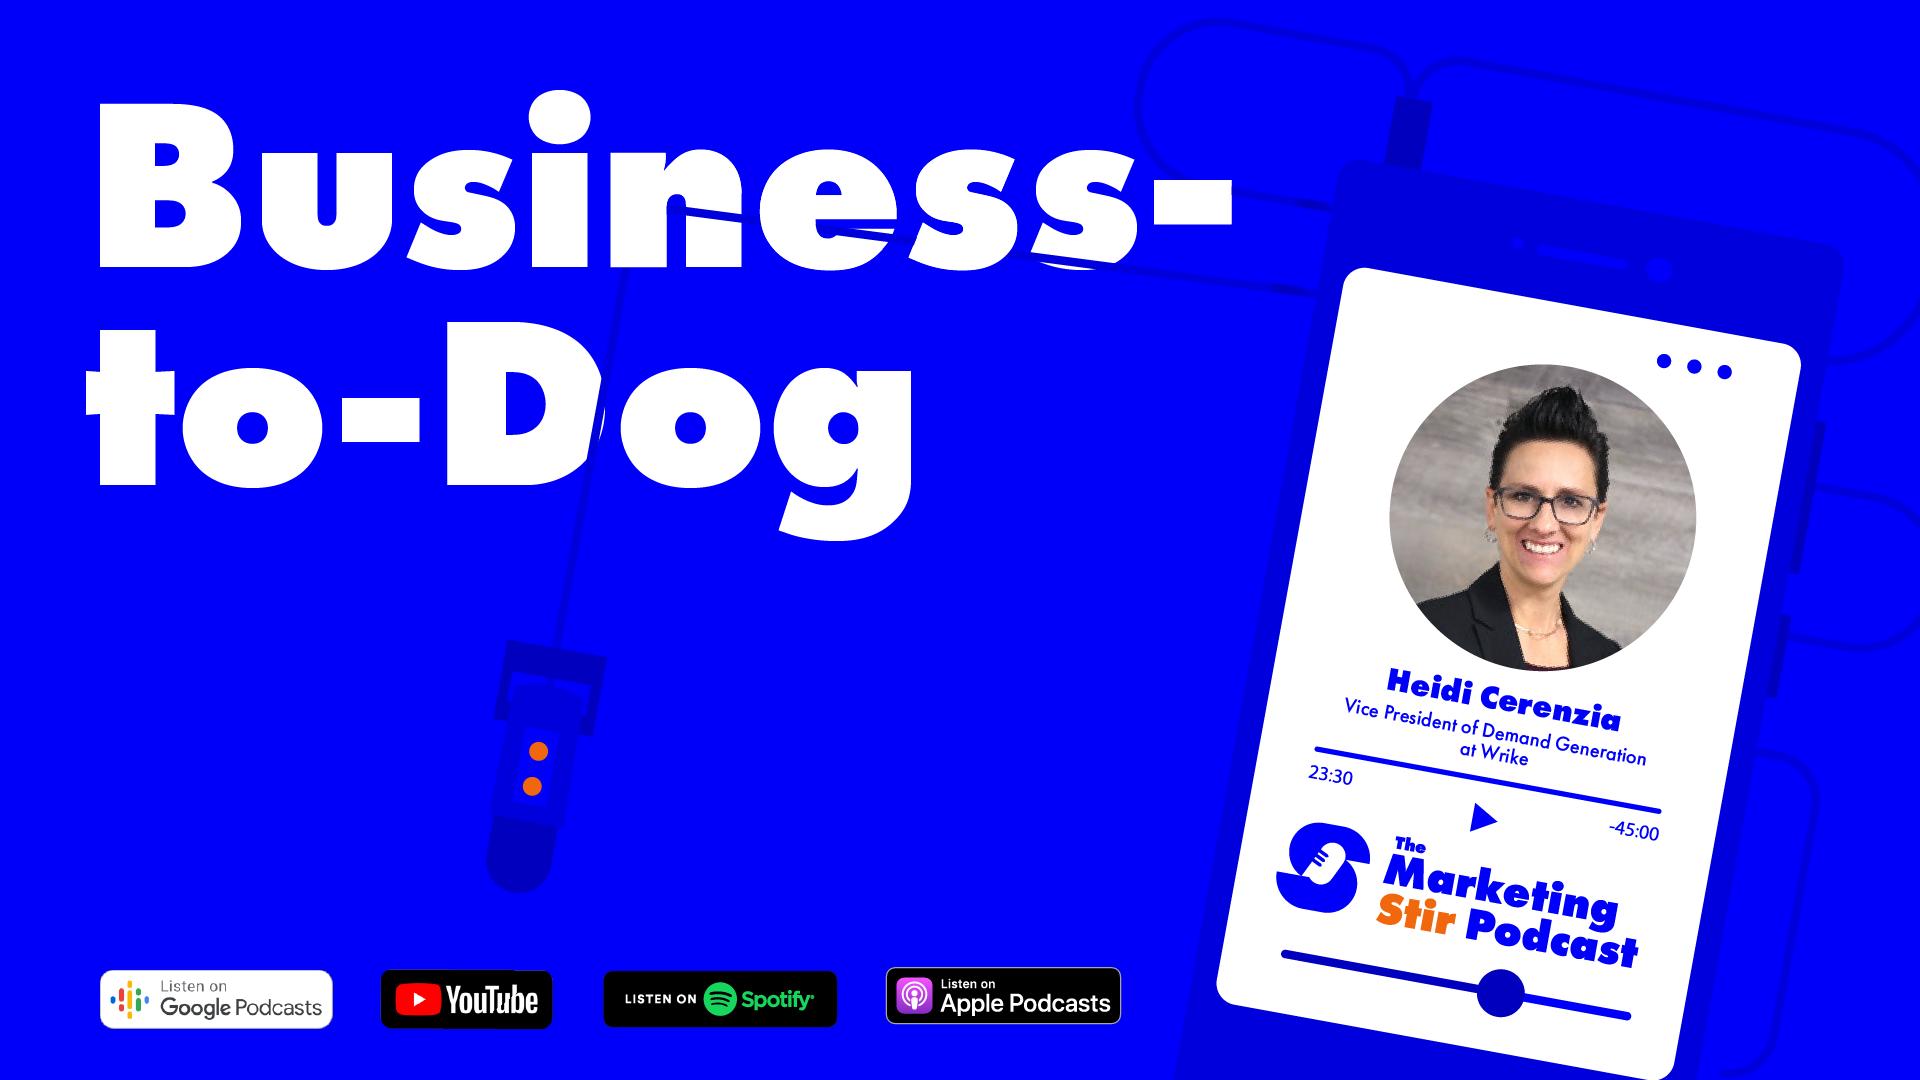 Heidi Cerenzia (Wrike) - Business-to-Dog